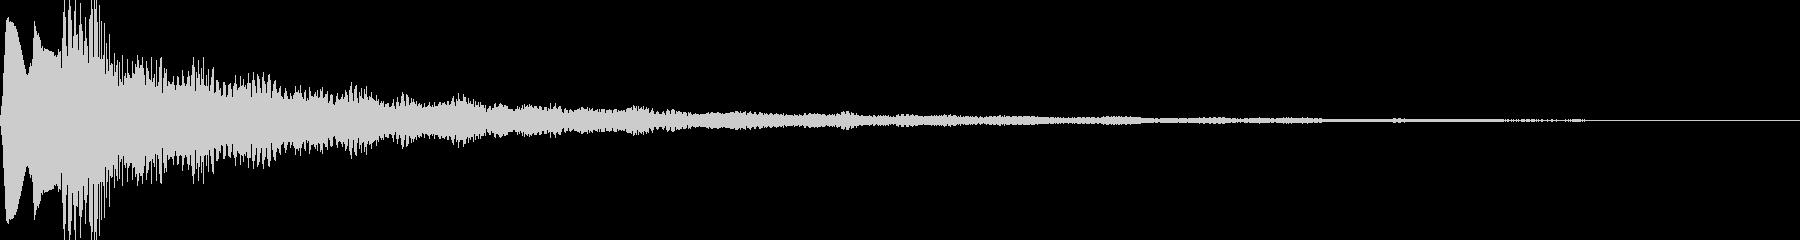 決定音/ボタン/システム/シンプル D6の未再生の波形